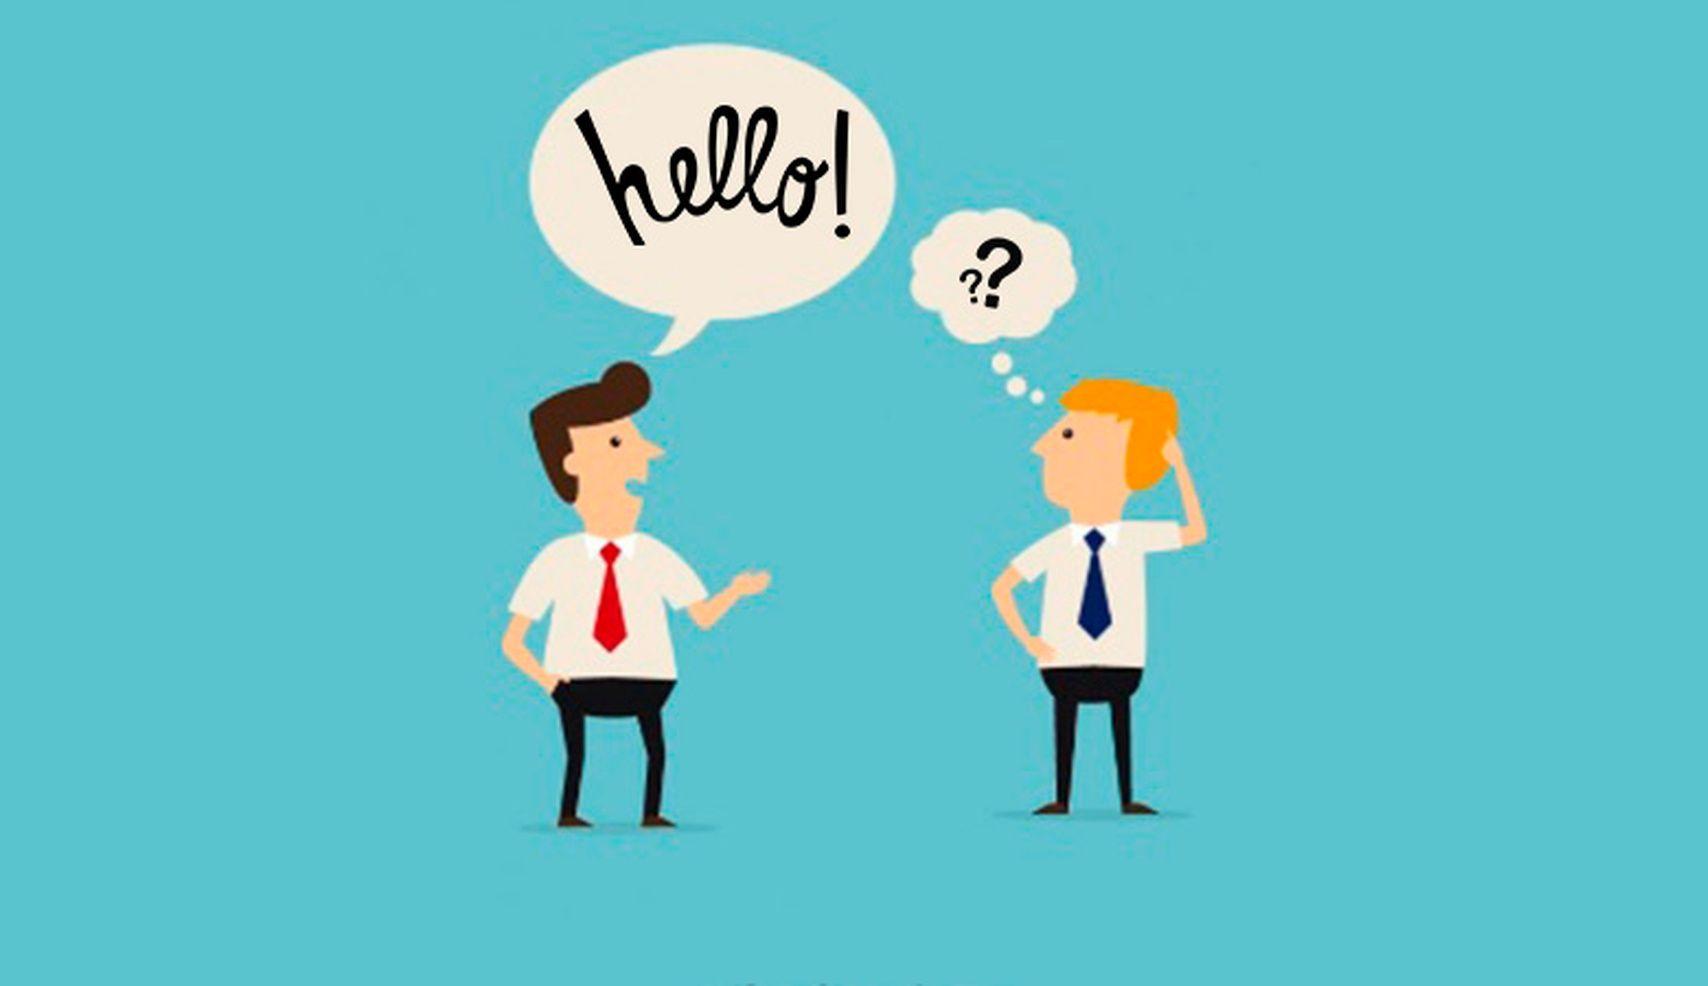 Aprender A Hablar Inglés Y Mejorar Tu Fonética Fonetica Aprender A Hablar Ingles